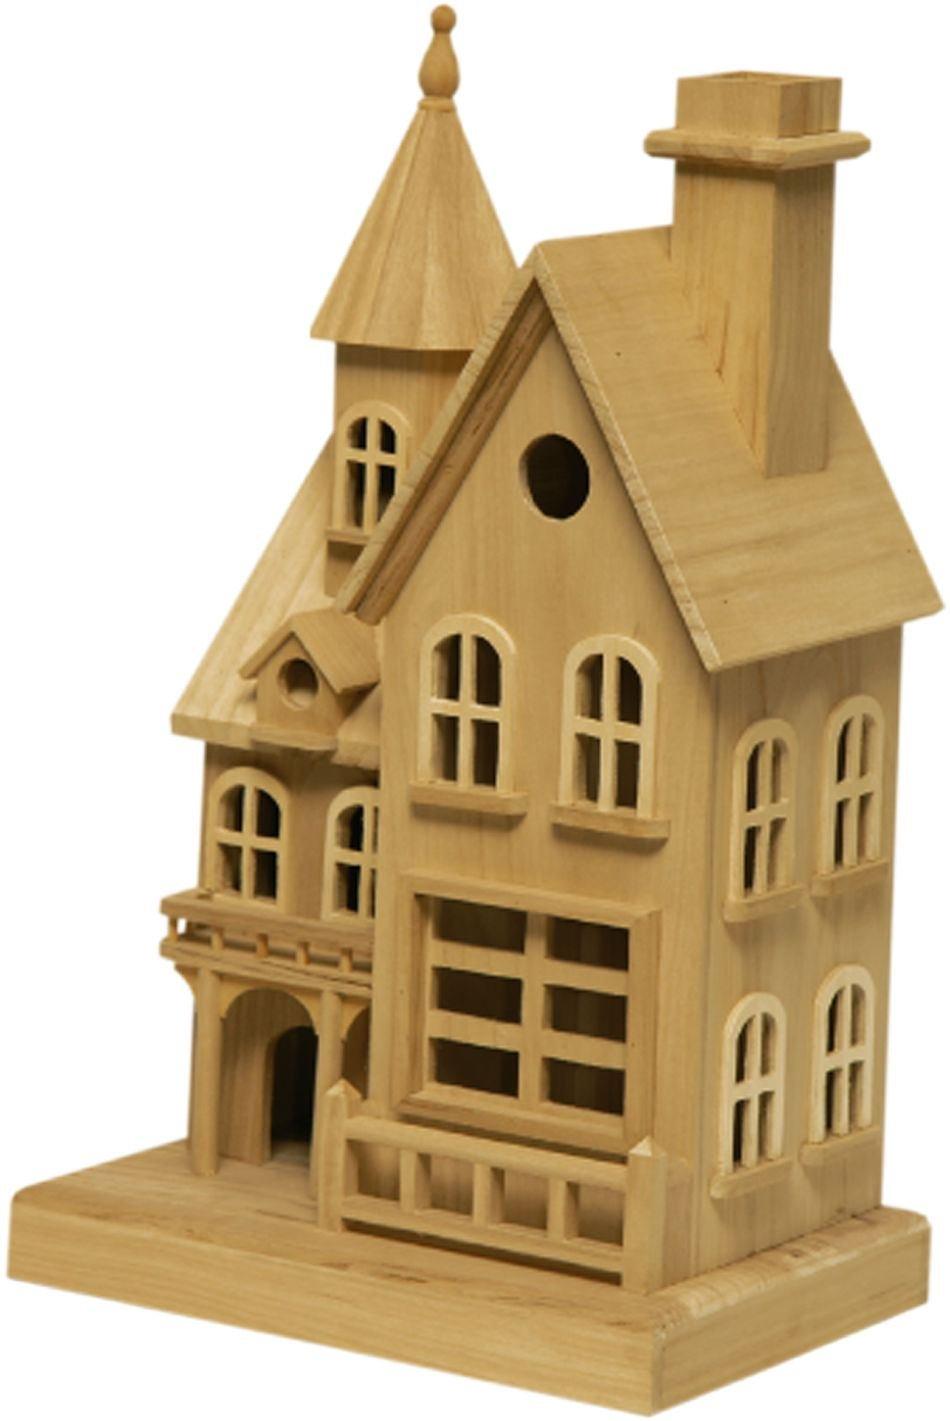 Casa casetta nido, grande, per uccelli, uccelli, uccelli, per uccellini - in legno cm 32x22x55h ed088e